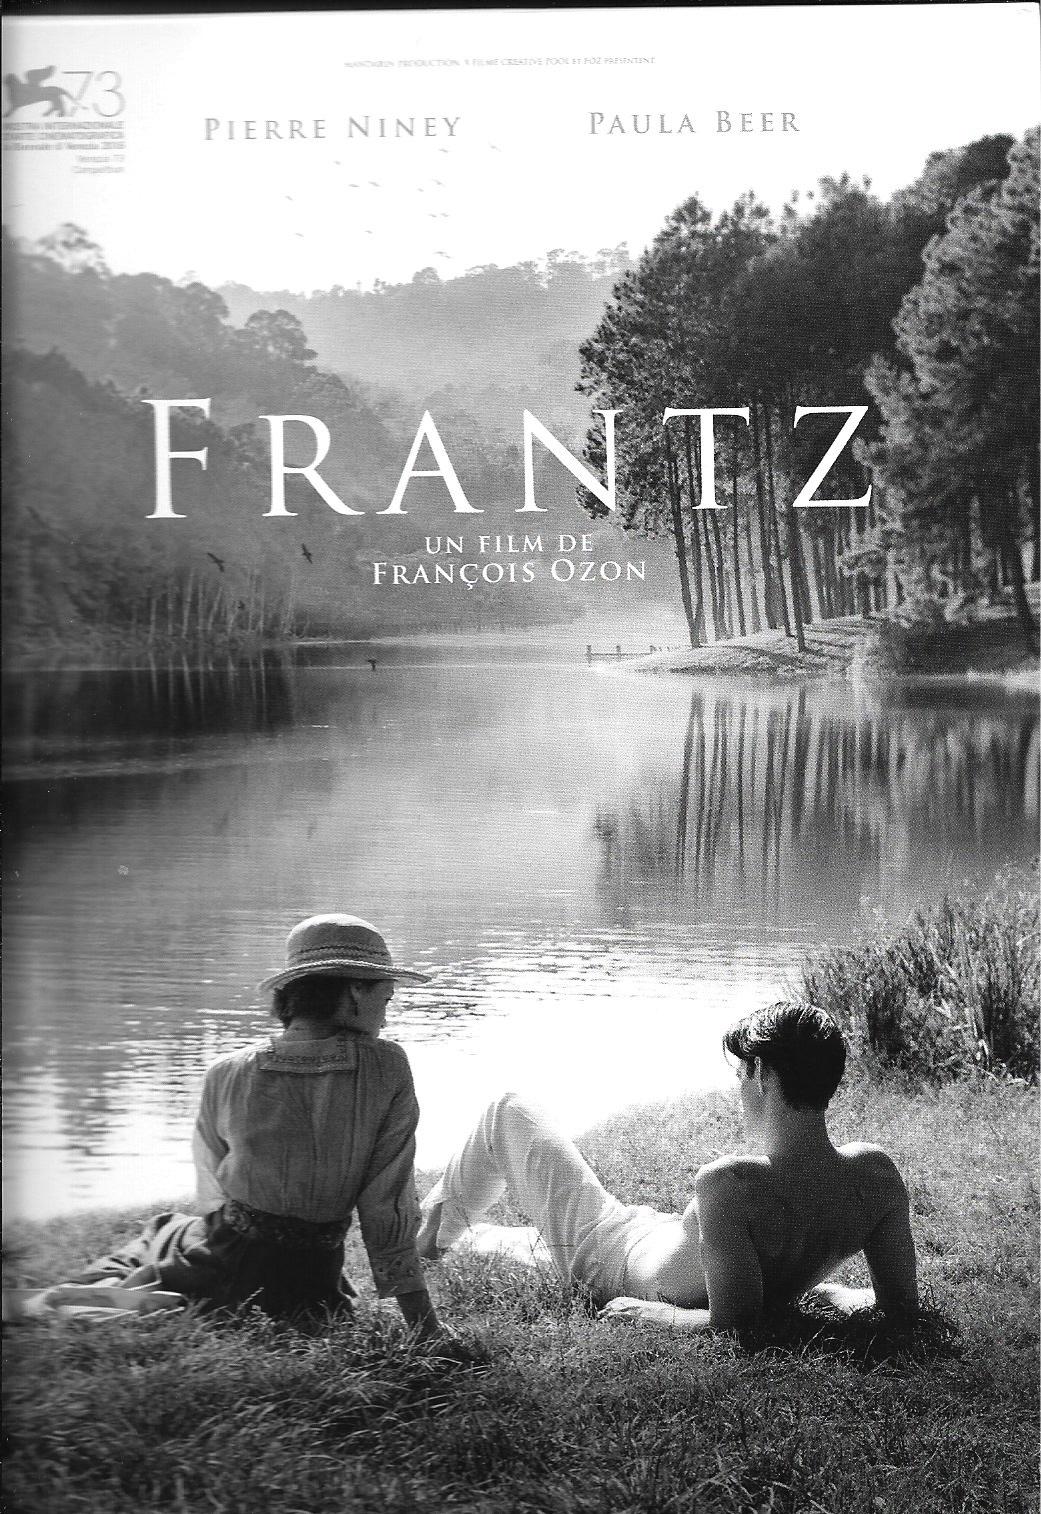 Frantz de Ozon